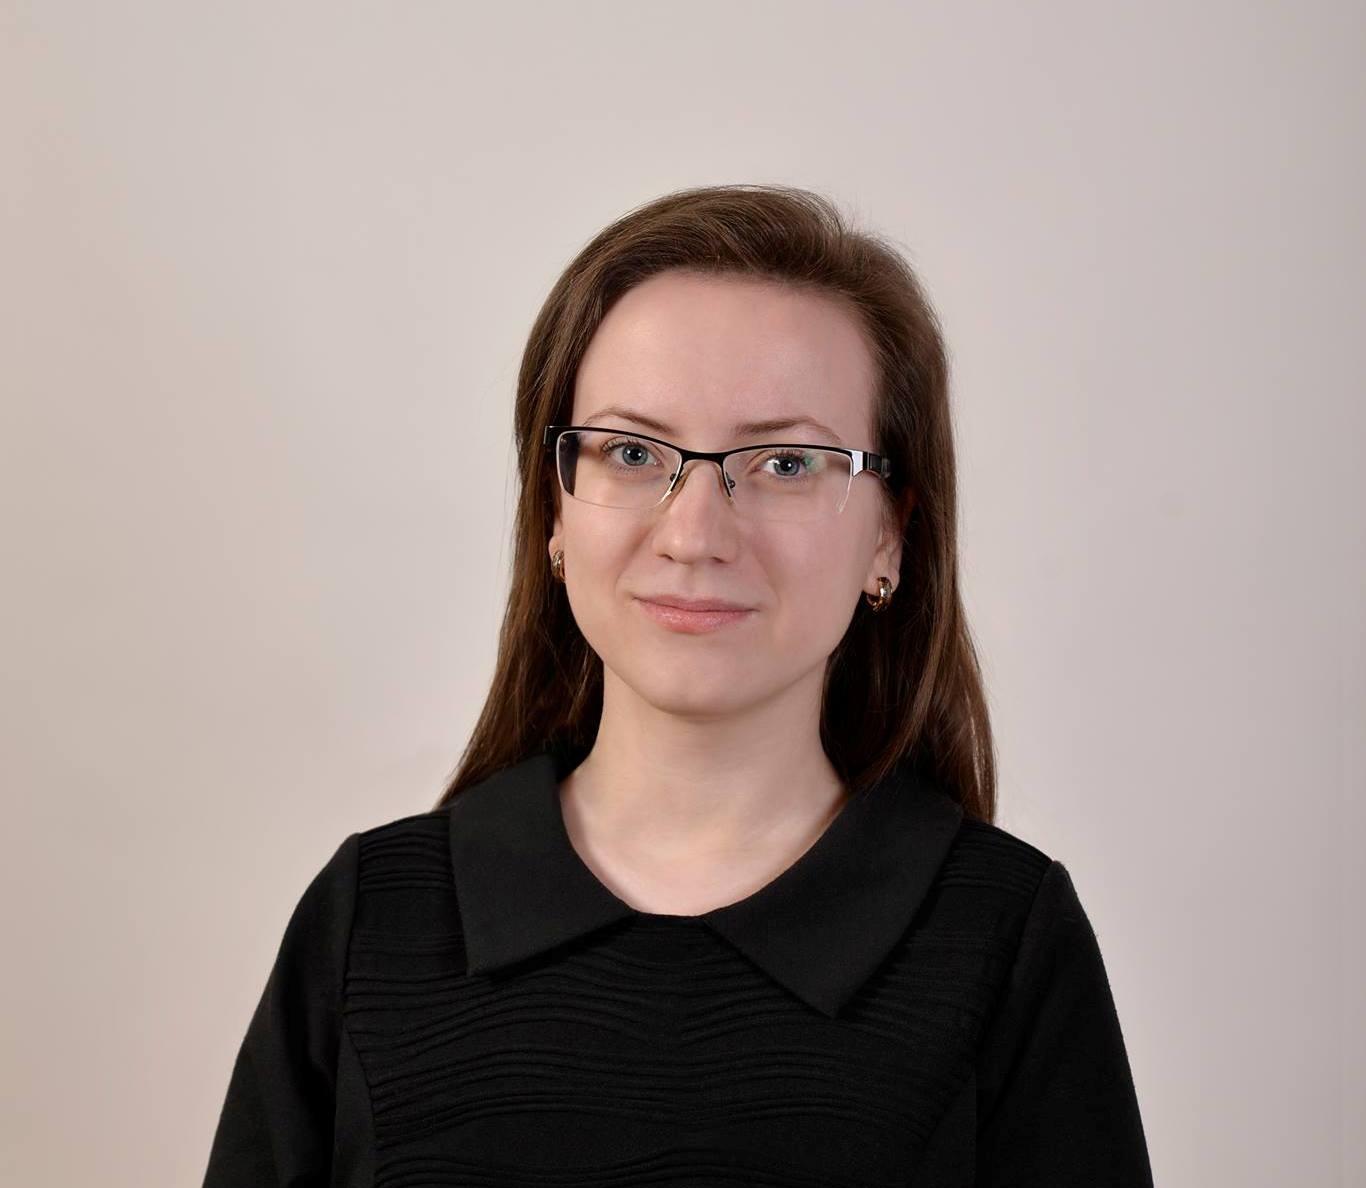 Viktorija Valinčiūtė